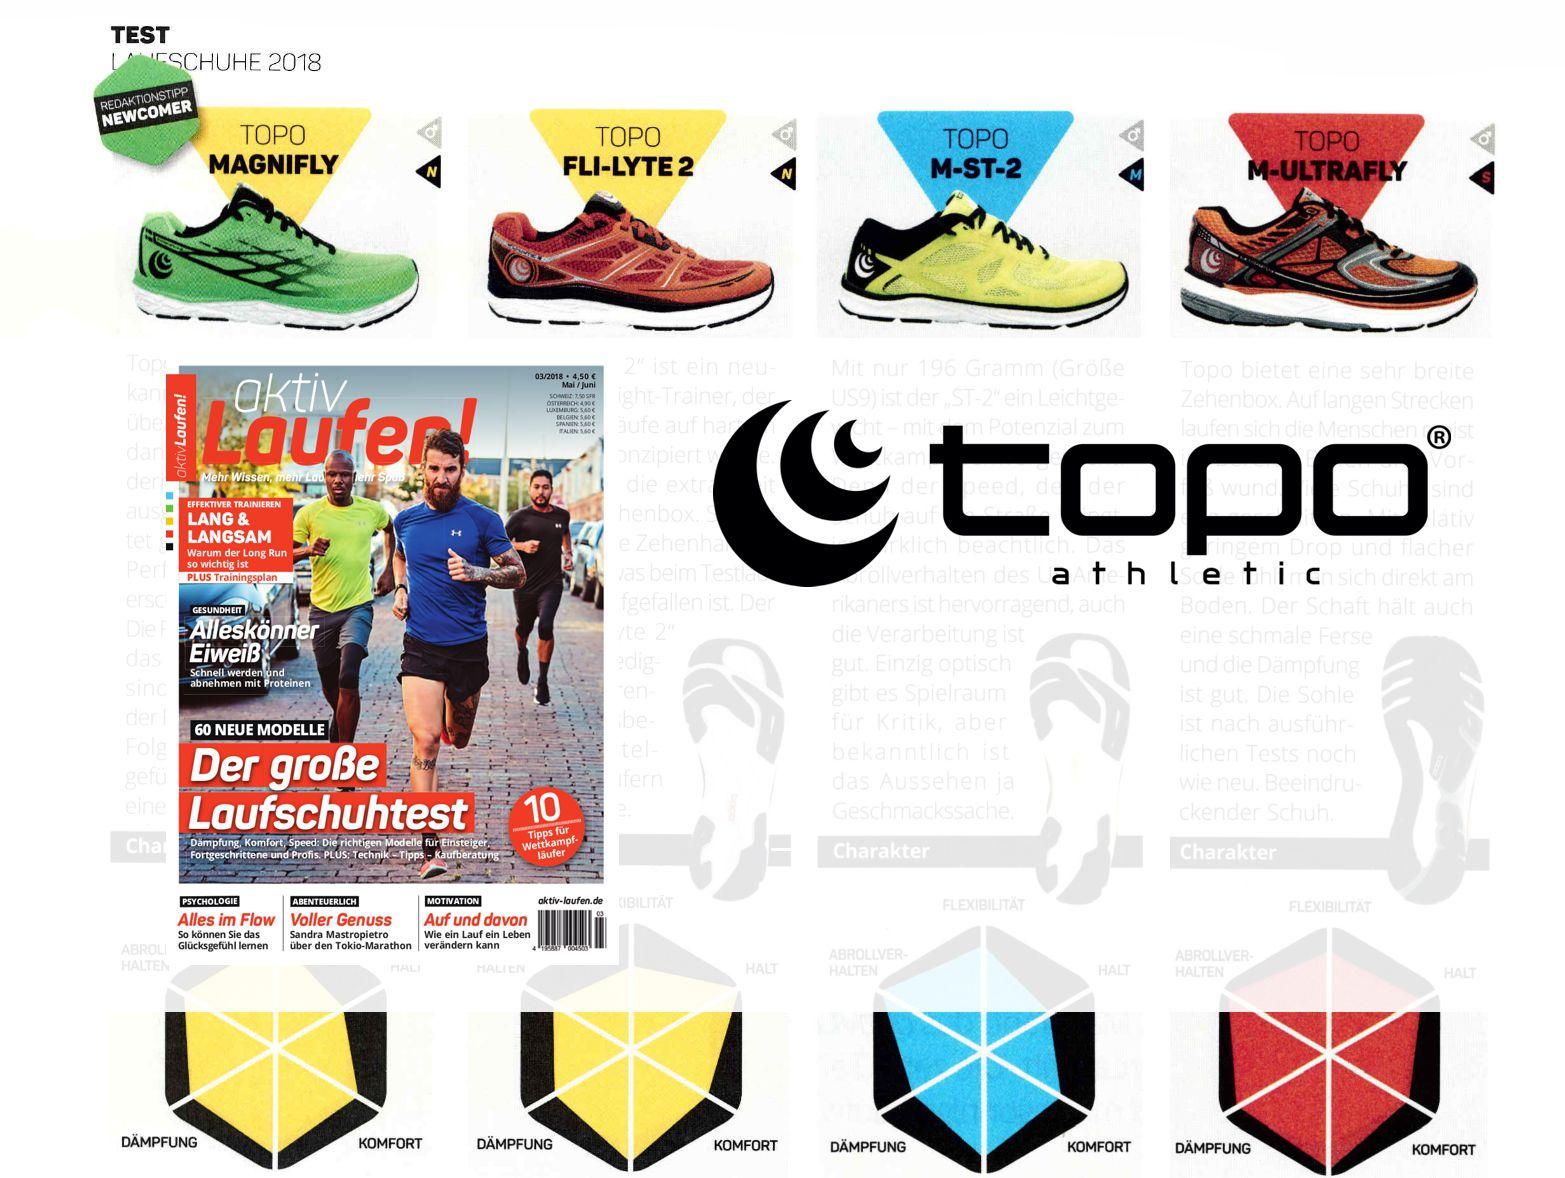 TOPO Laufschuhe im Test der AktivLaufen!